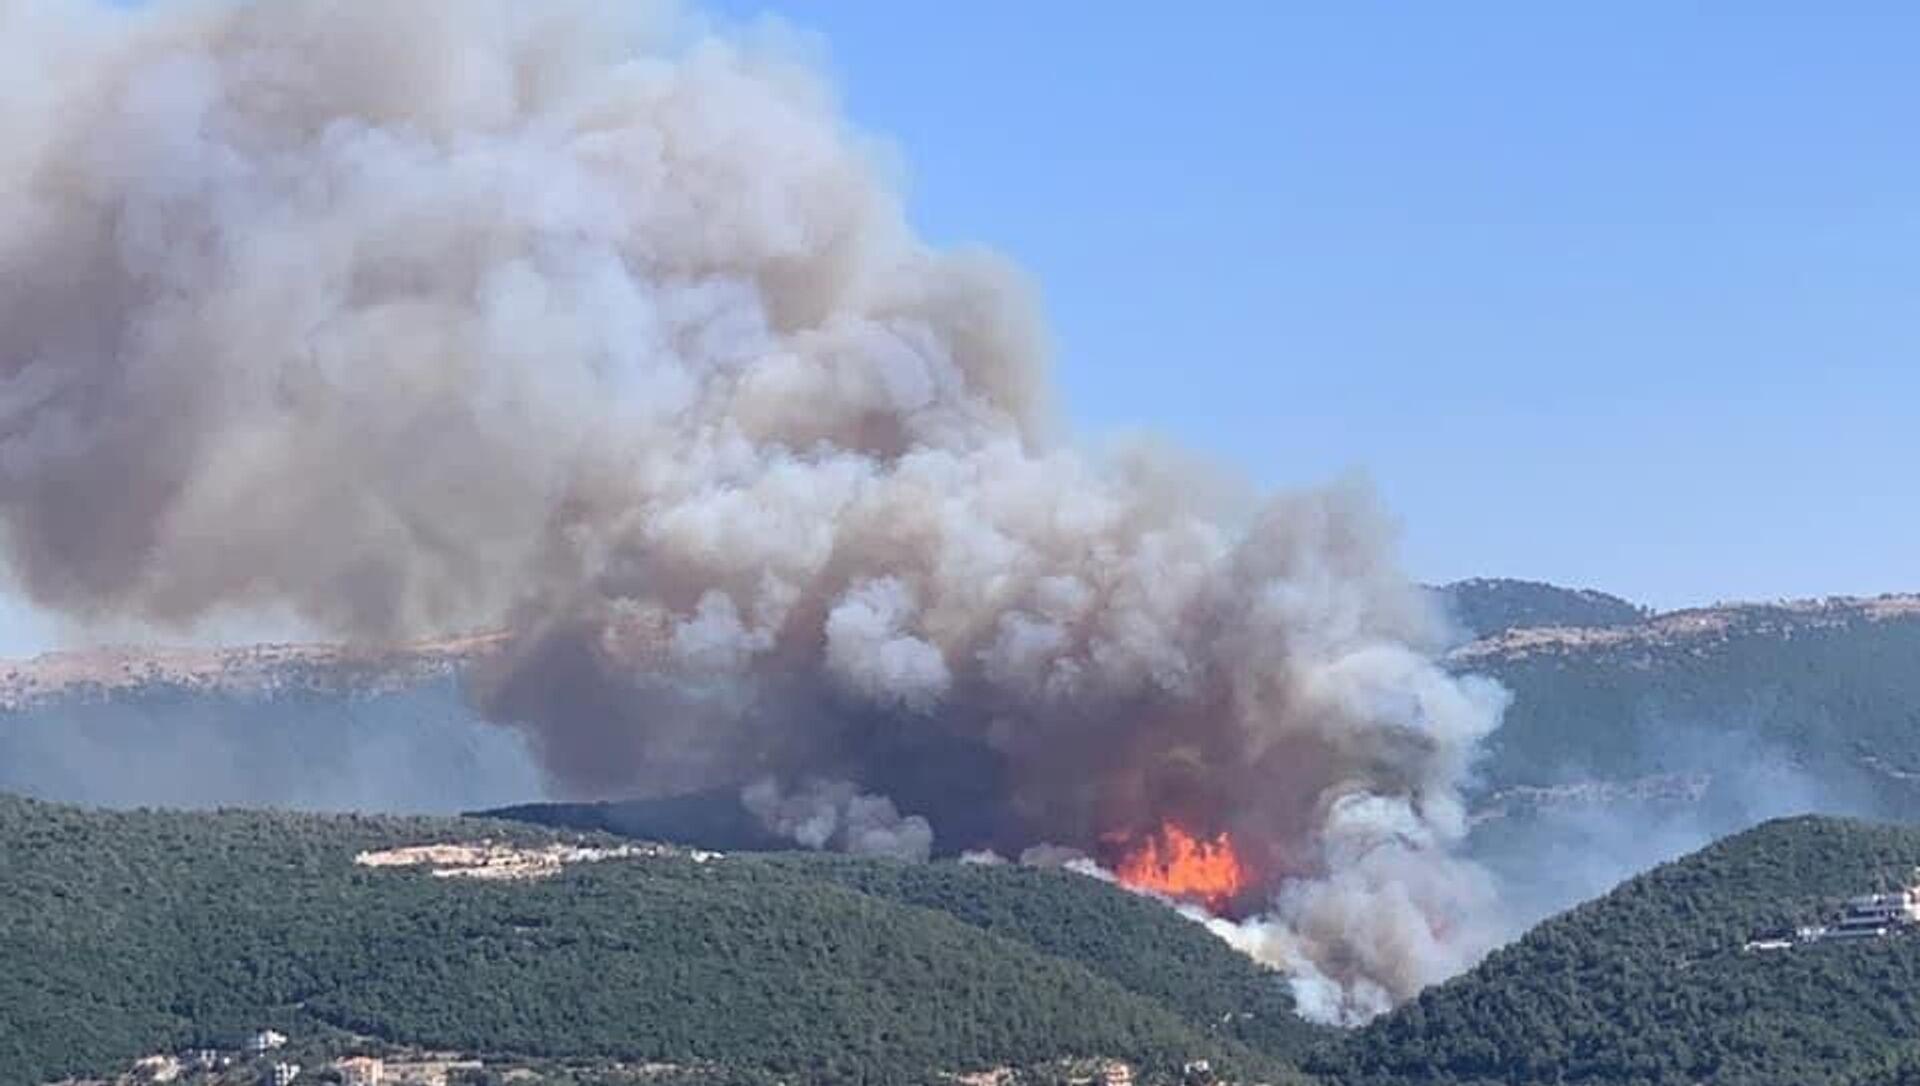 Lübnan'da orman yangını: Evlere ve çiftliklere sıçradı - Sputnik Türkiye, 1920, 30.07.2021